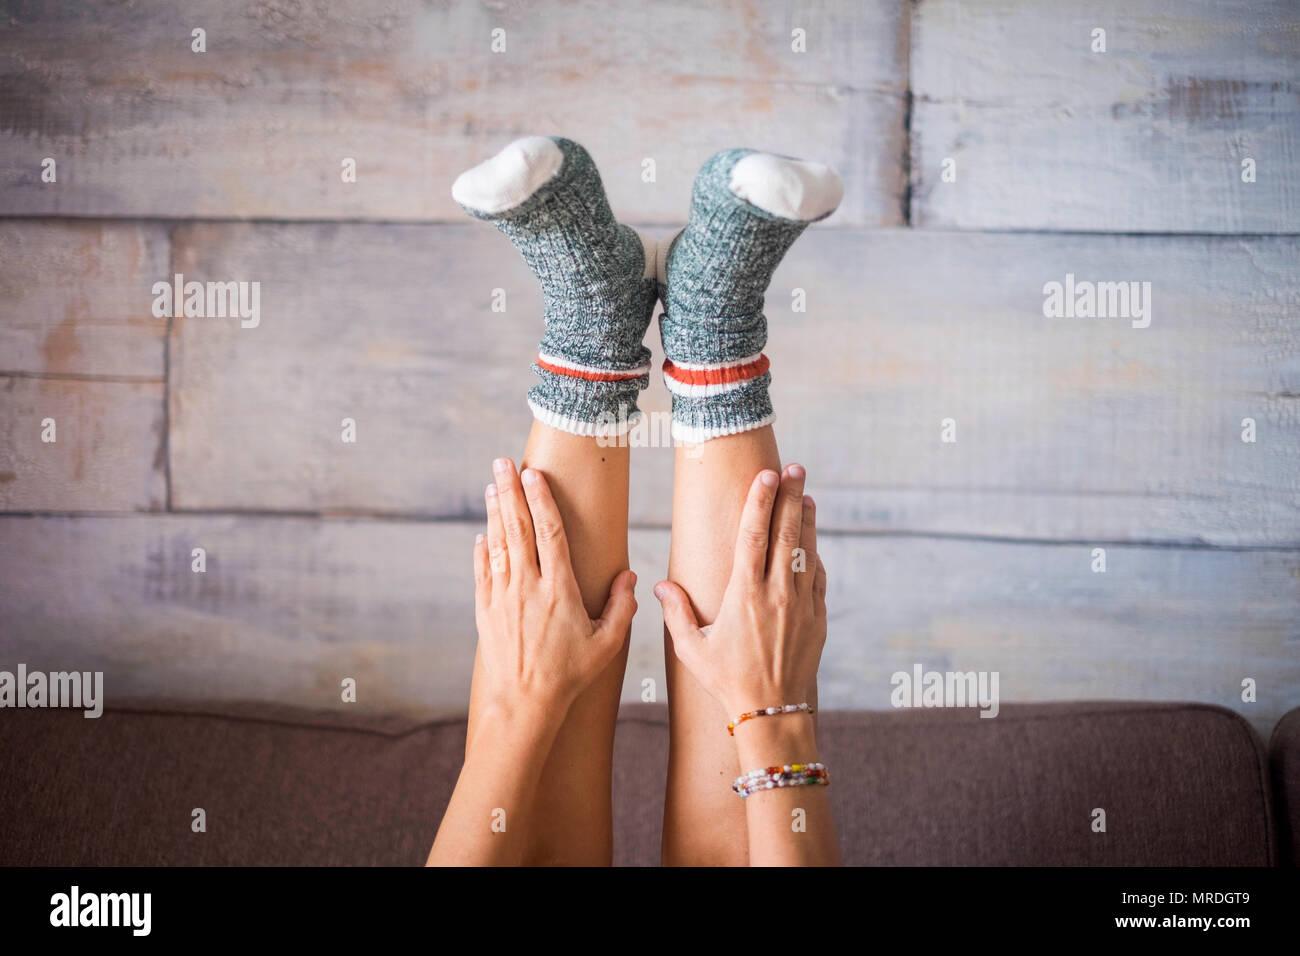 In medio composizione con bella donna gambe lato negativo con divertenti e calze colorate prese dalle mani. alternativi di gioia e il concetto di stile di vita per in Immagini Stock